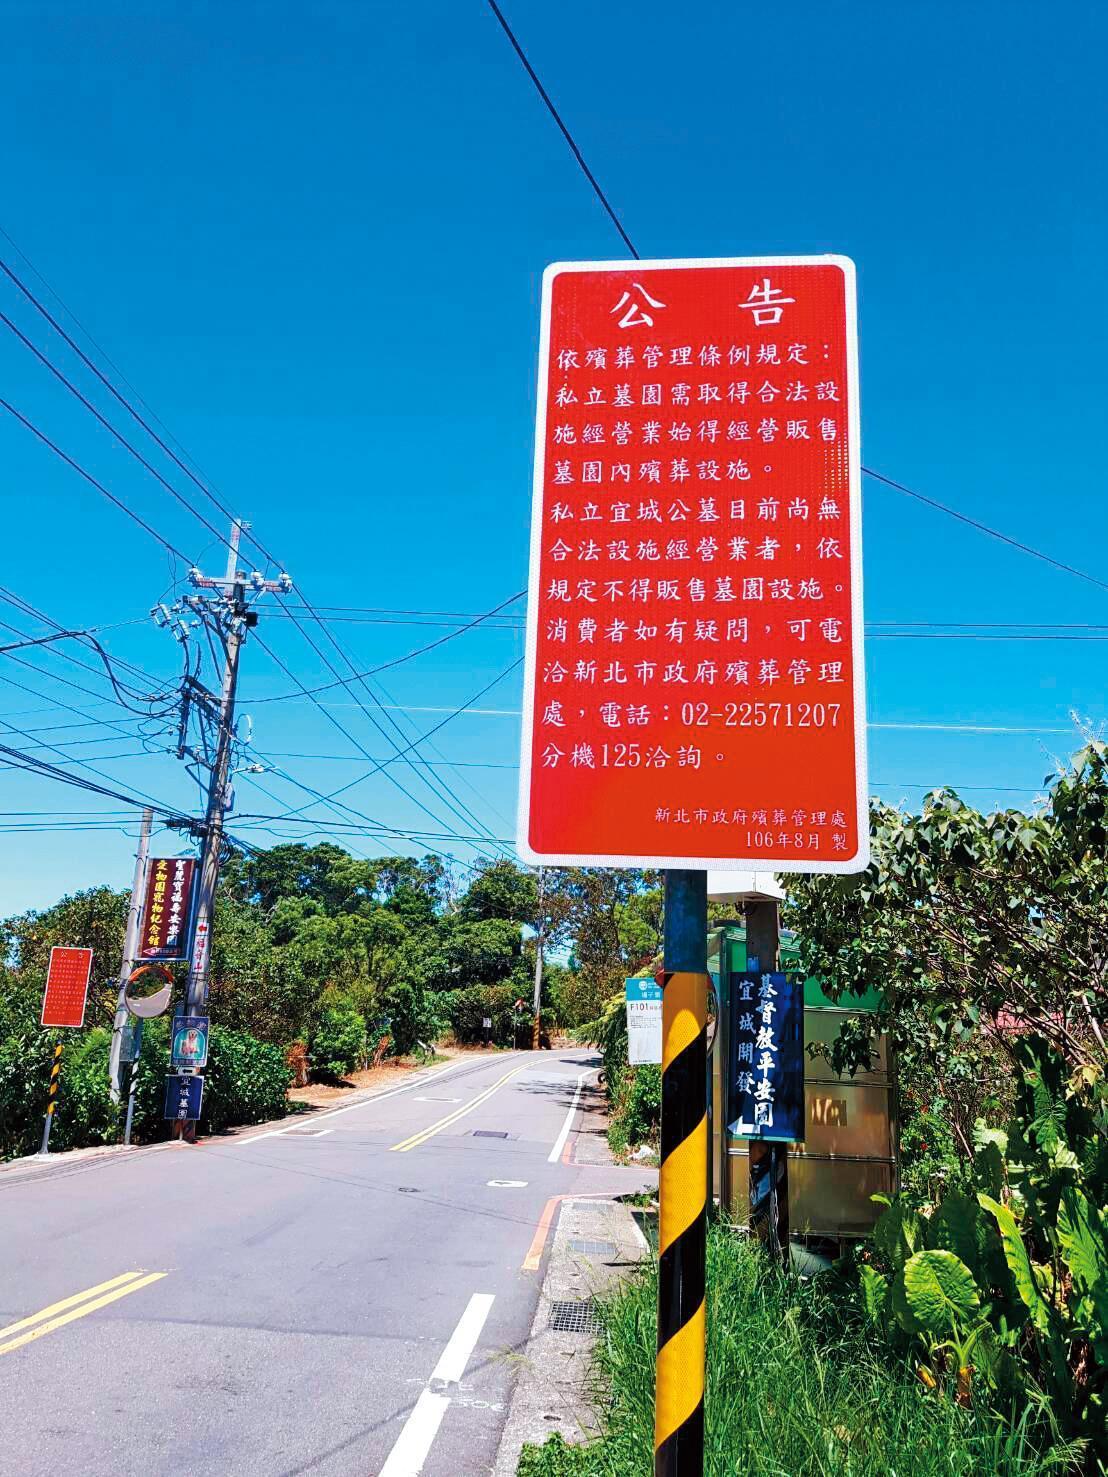 宜城墓園屢成靈骨塔詐騙買賣標的,新北市府還特別立牌公告此區「依規定不得販售墓園設施」。